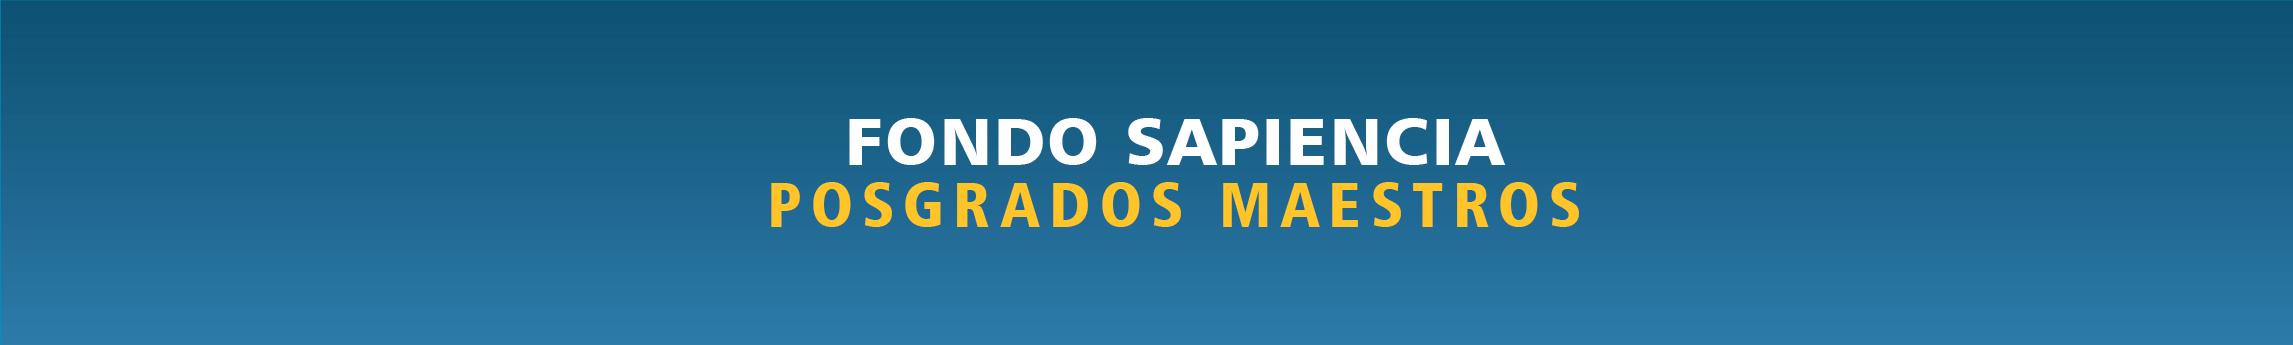 banner-fondos-sapiencia-posgrados-micrositio-maestros